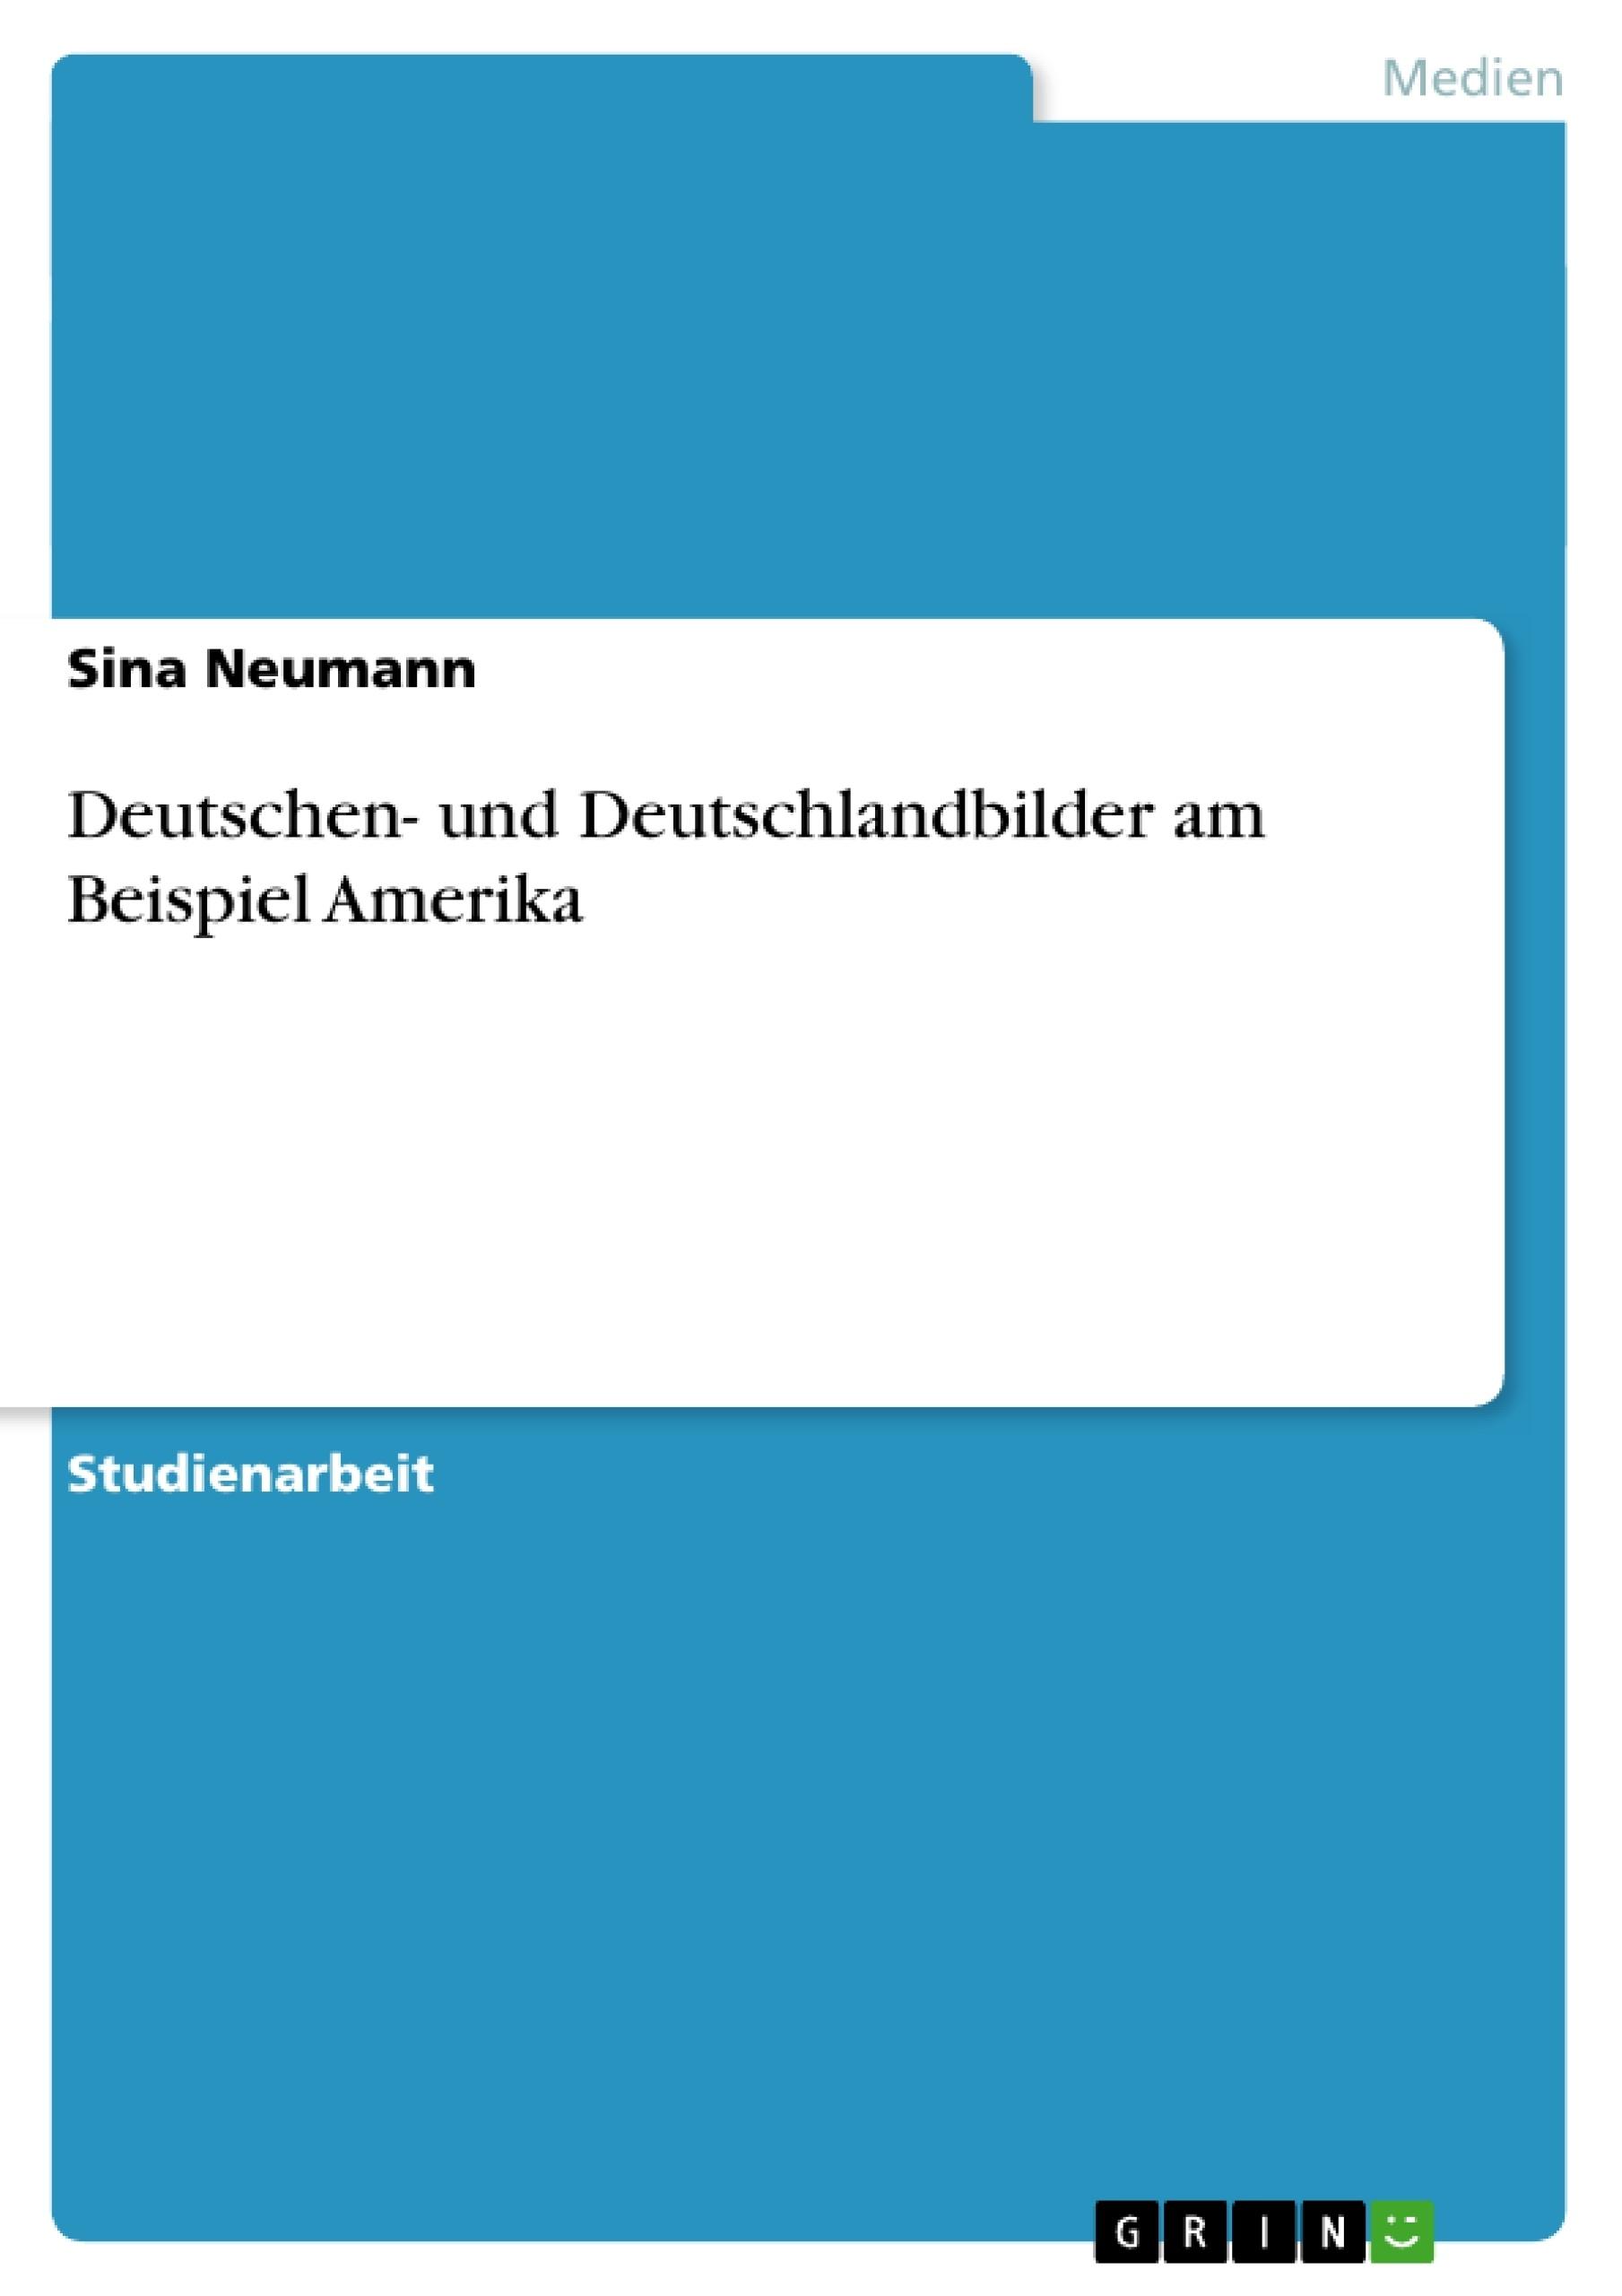 Titel: Deutschen- und Deutschlandbilder am Beispiel Amerika